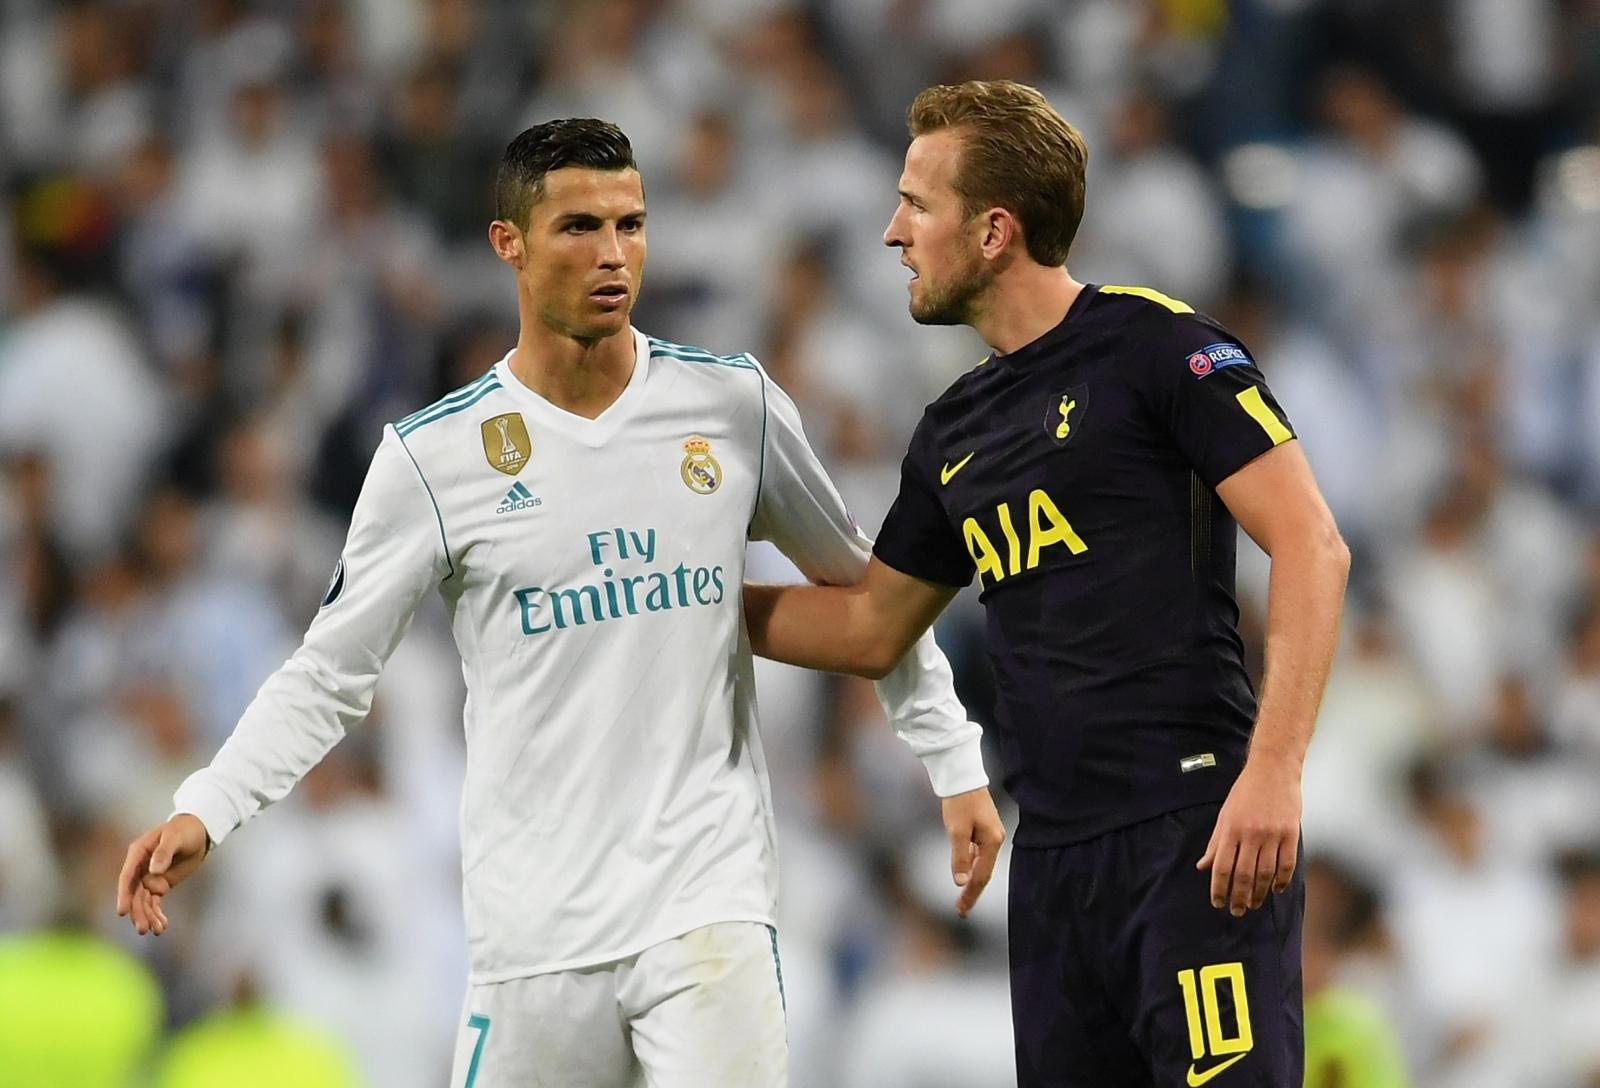 Cristiano Ronaldo and Harry Kane